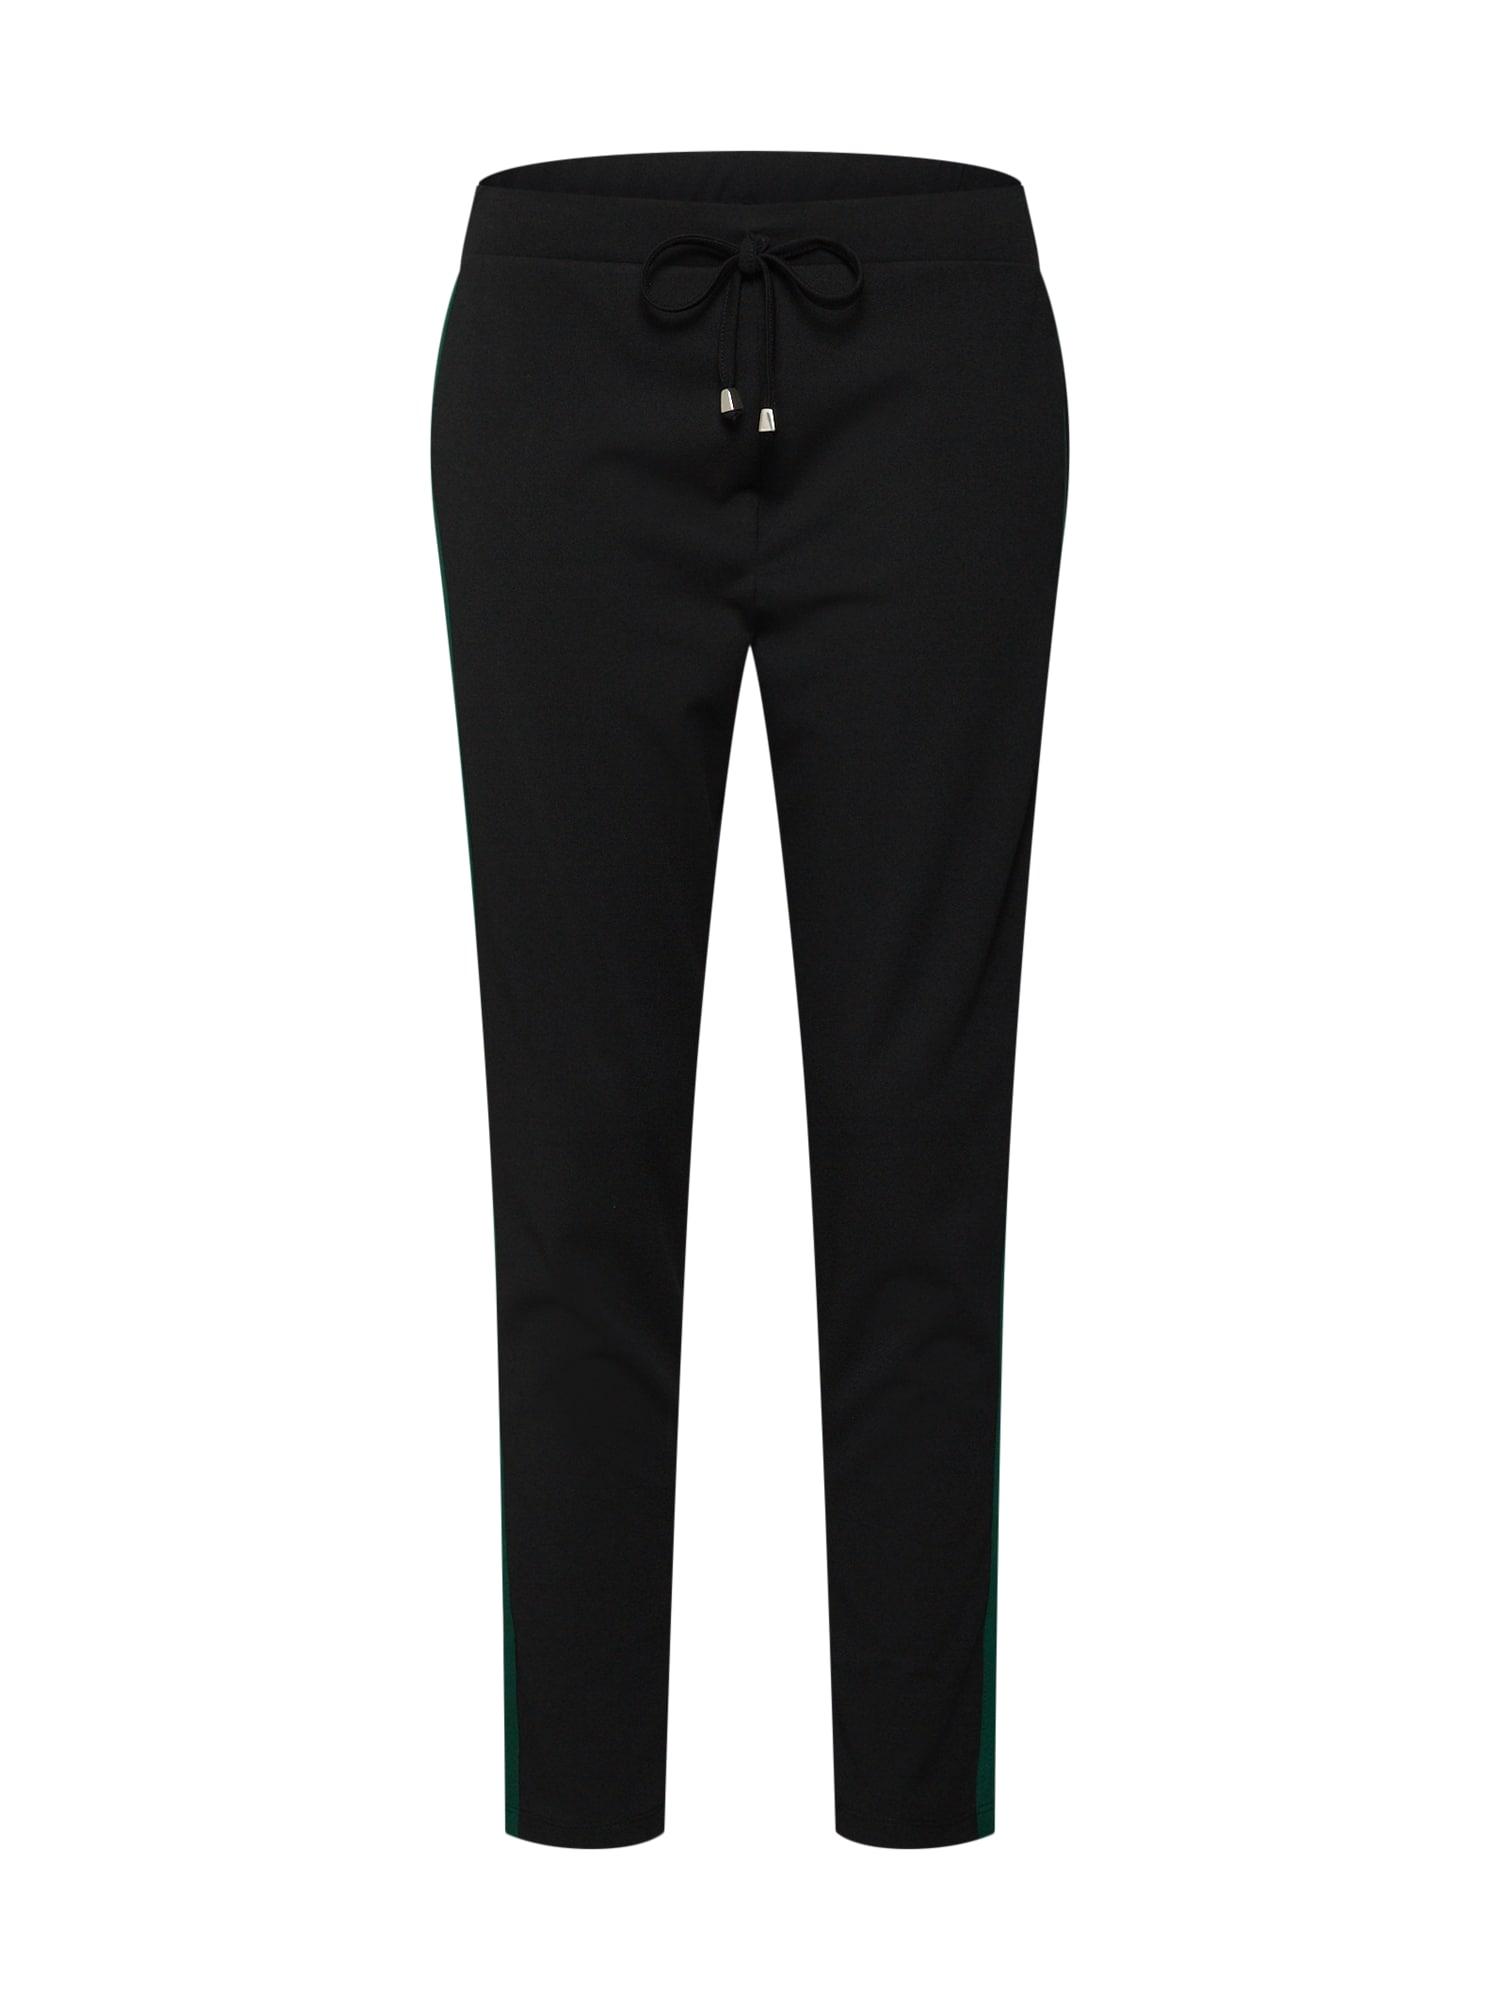 Kalhoty Lorin Trousers smaragdová černá ABOUT YOU